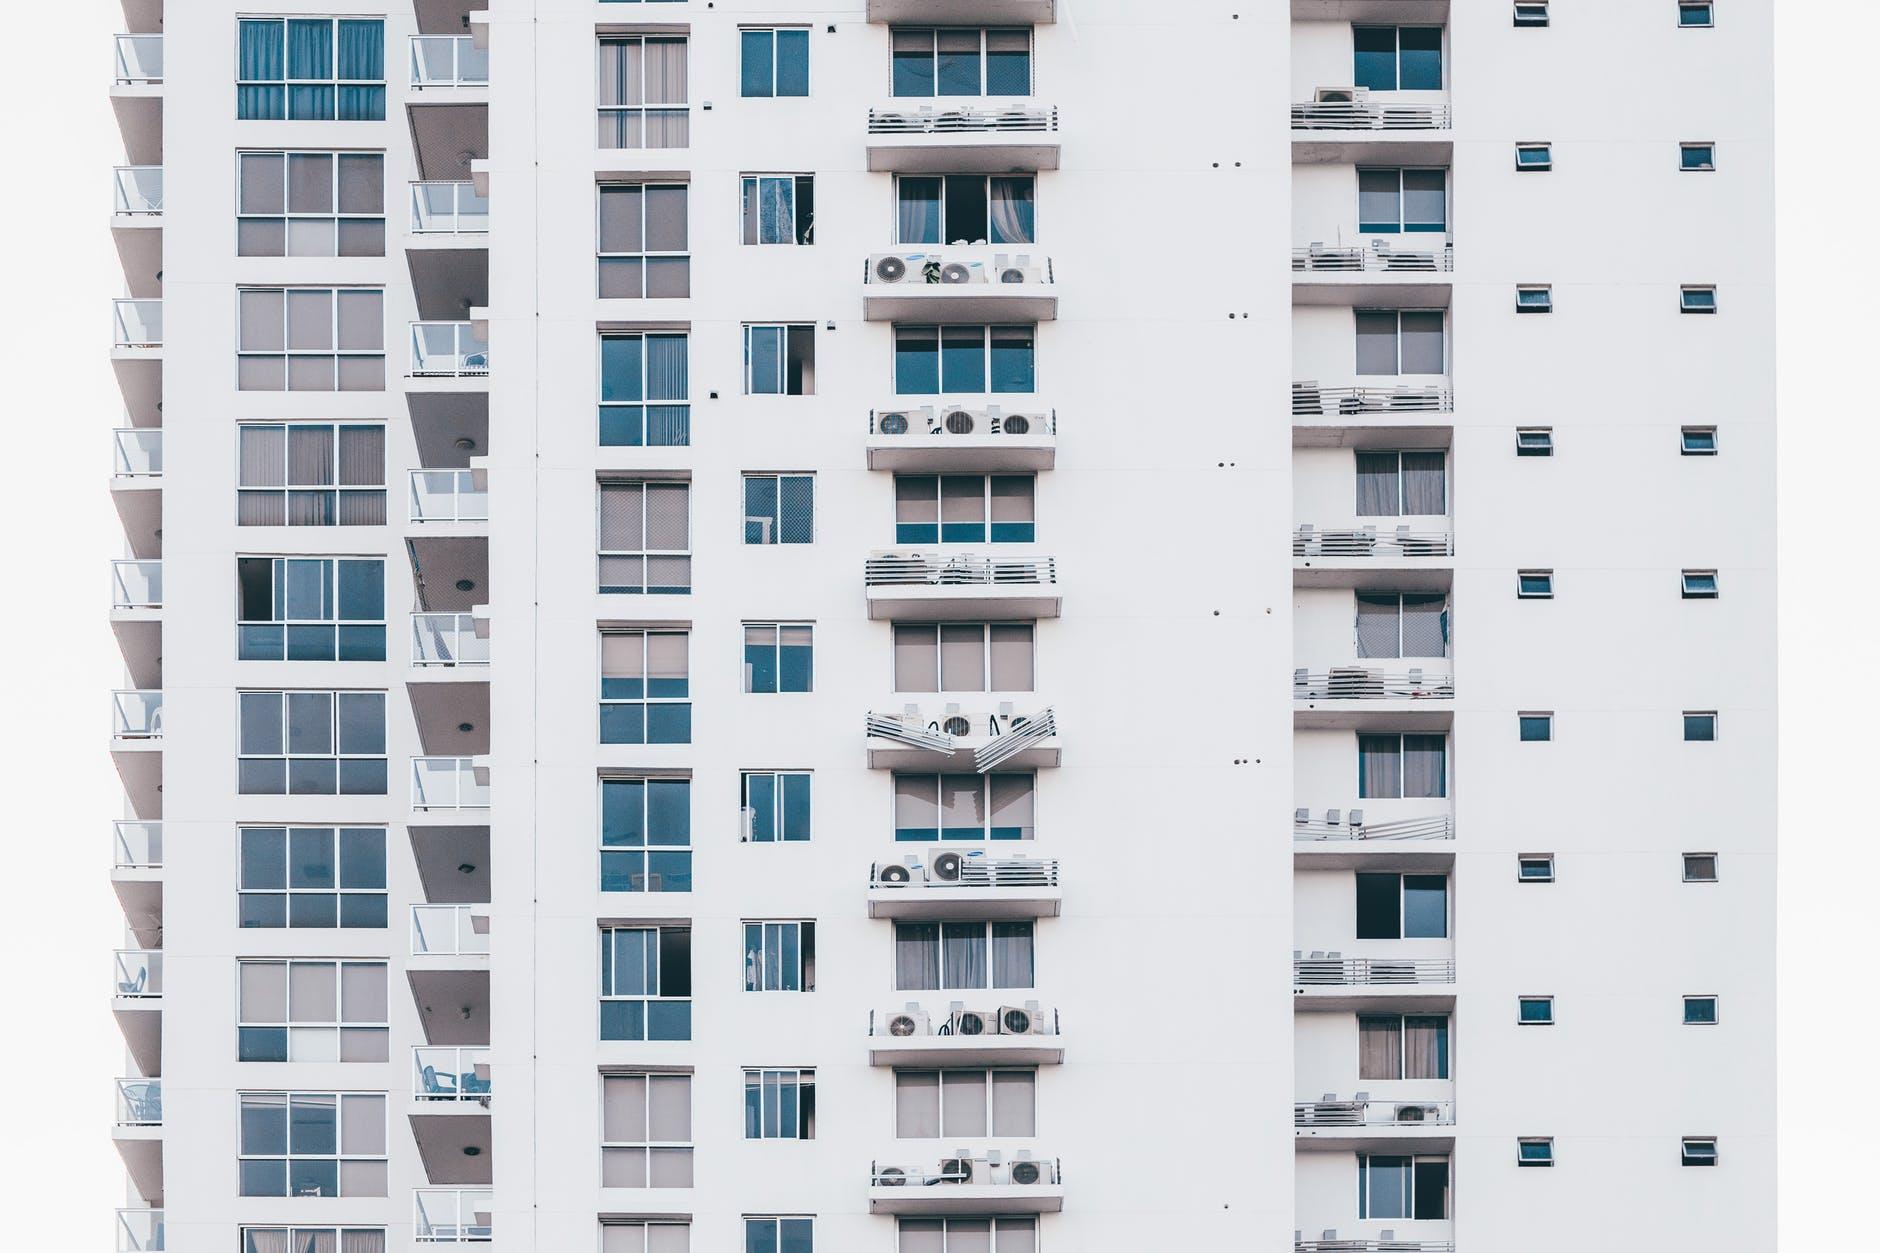 Harga Jual Apartemen di Jakarta Rata-rata Rp 34,2 Juta Per ...